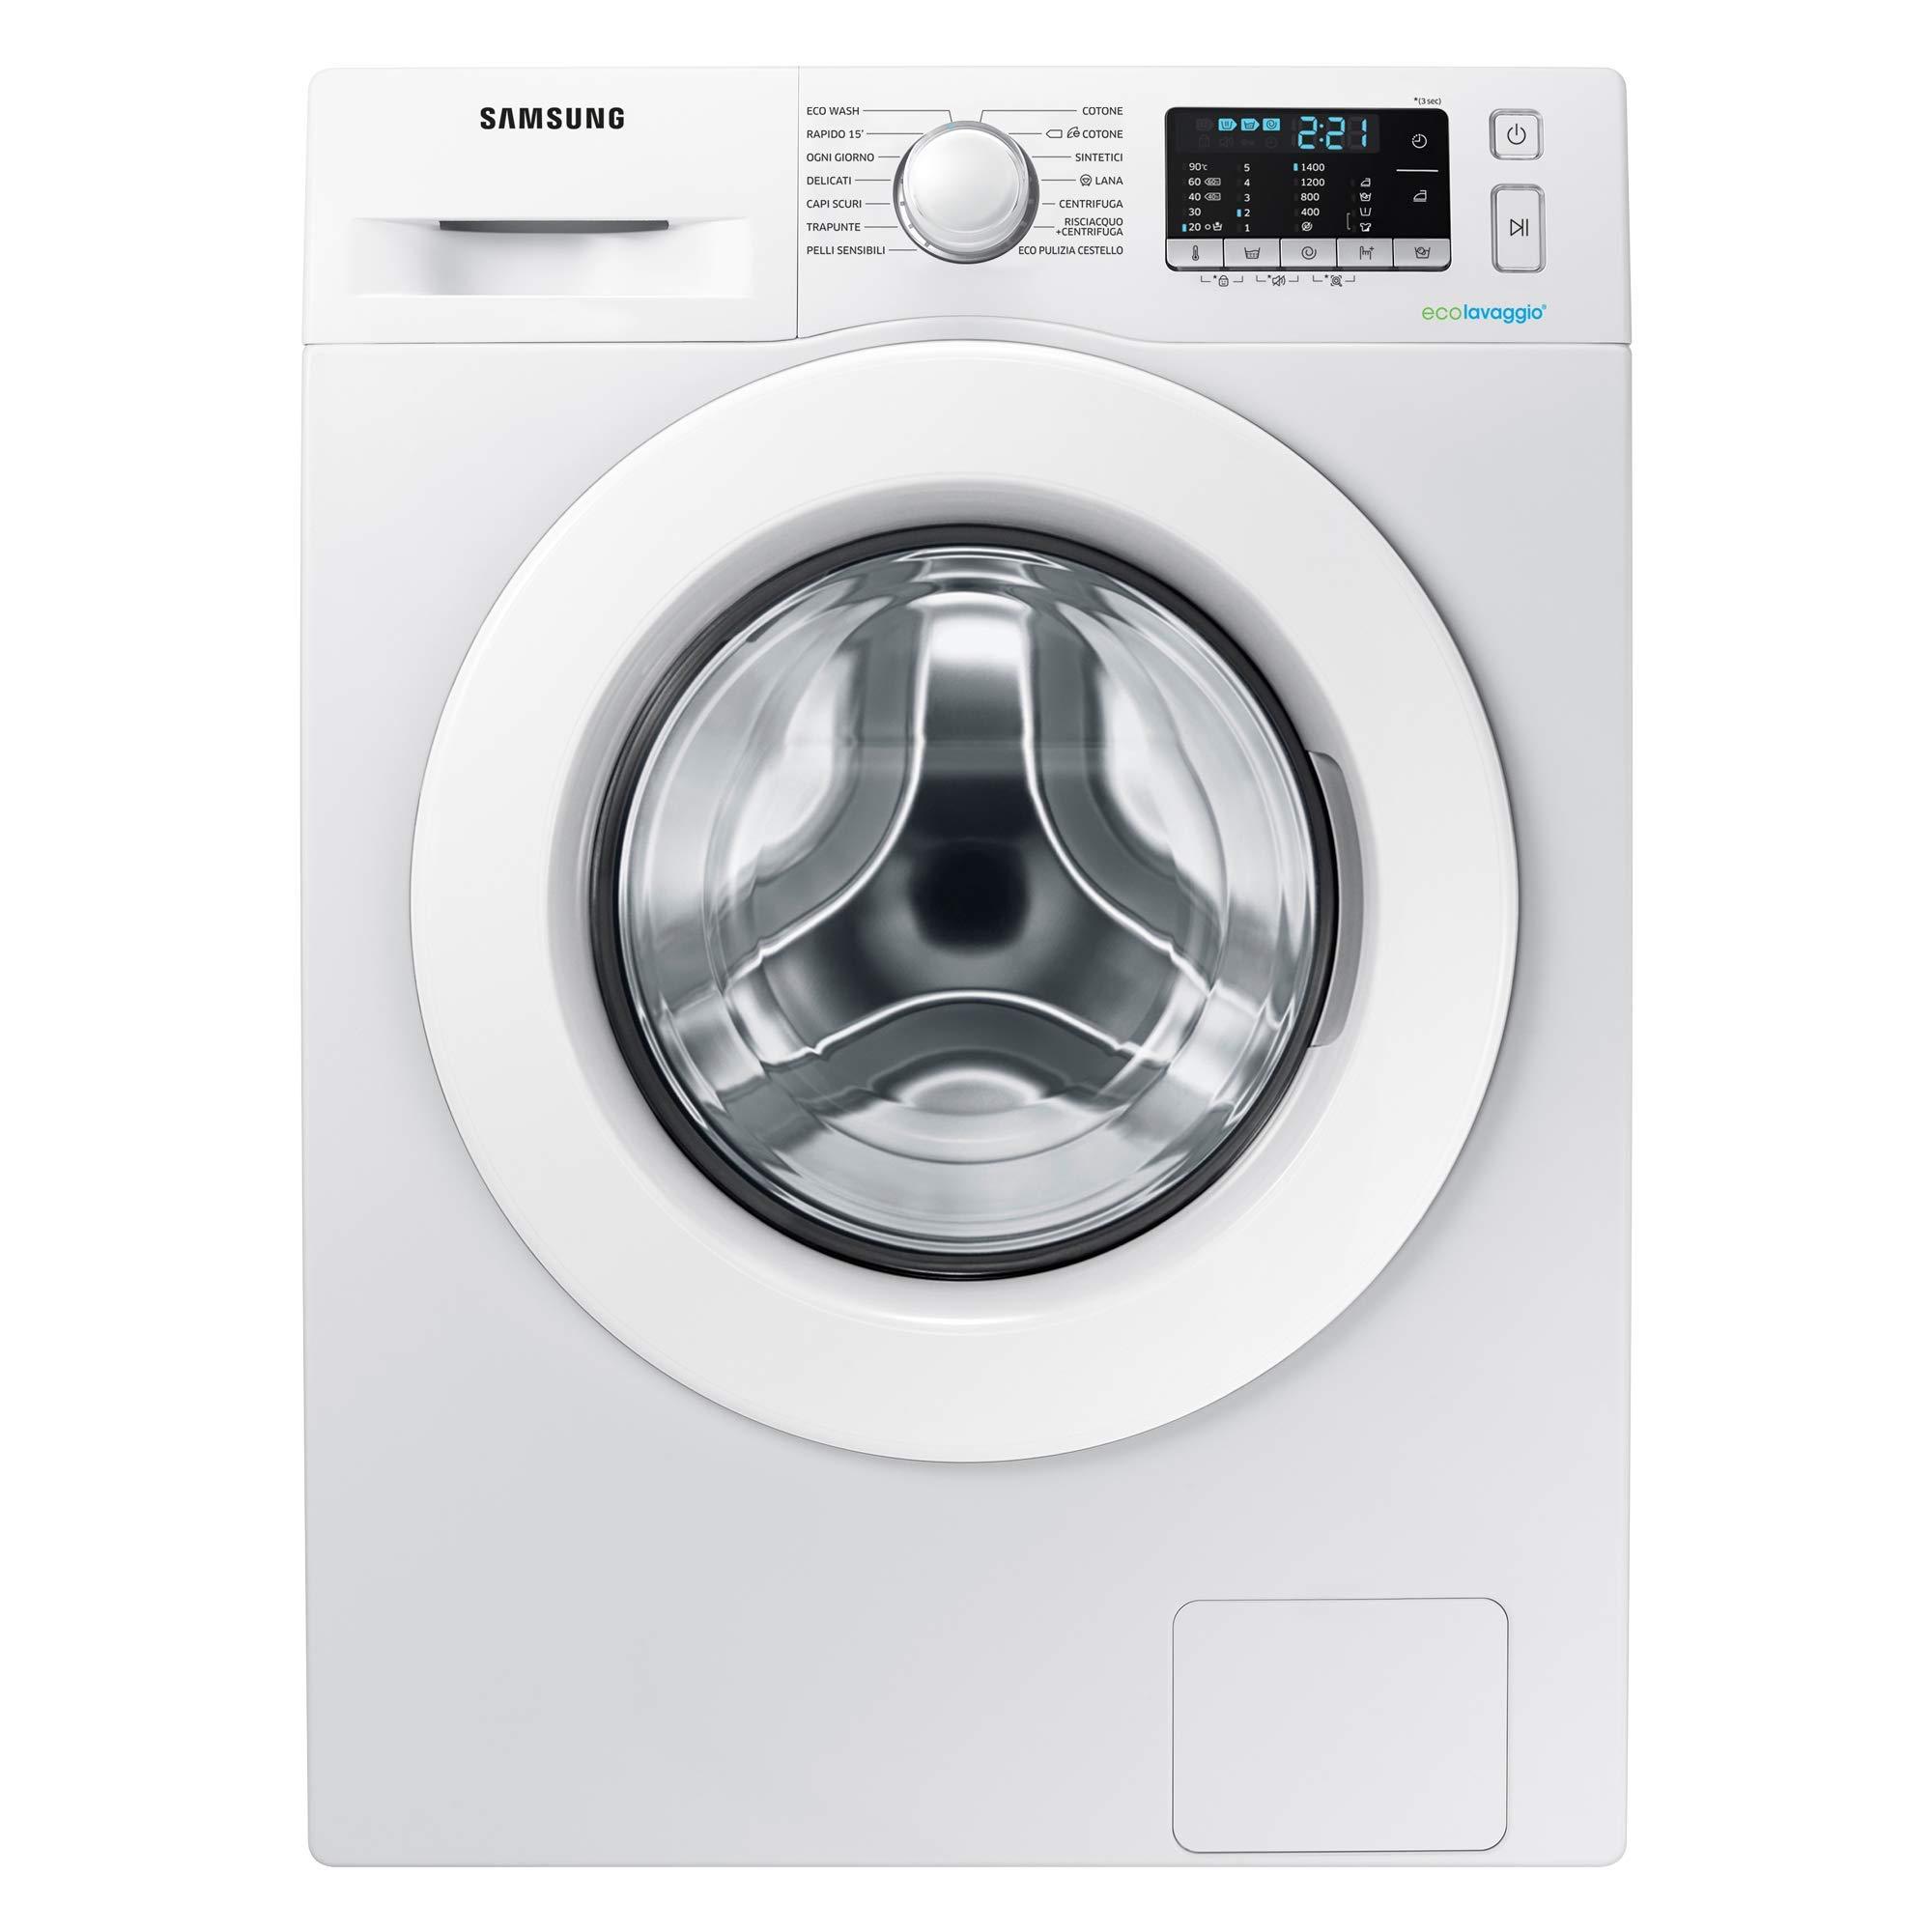 Samsung-ww80j5555mw-autonome-Belastung-Bevor-8-kg-1400trmin-A-Wei-Waschmaschine-Waschmaschinen-autonome-bevor-Belastung-wei-links-LED-Edelstahl